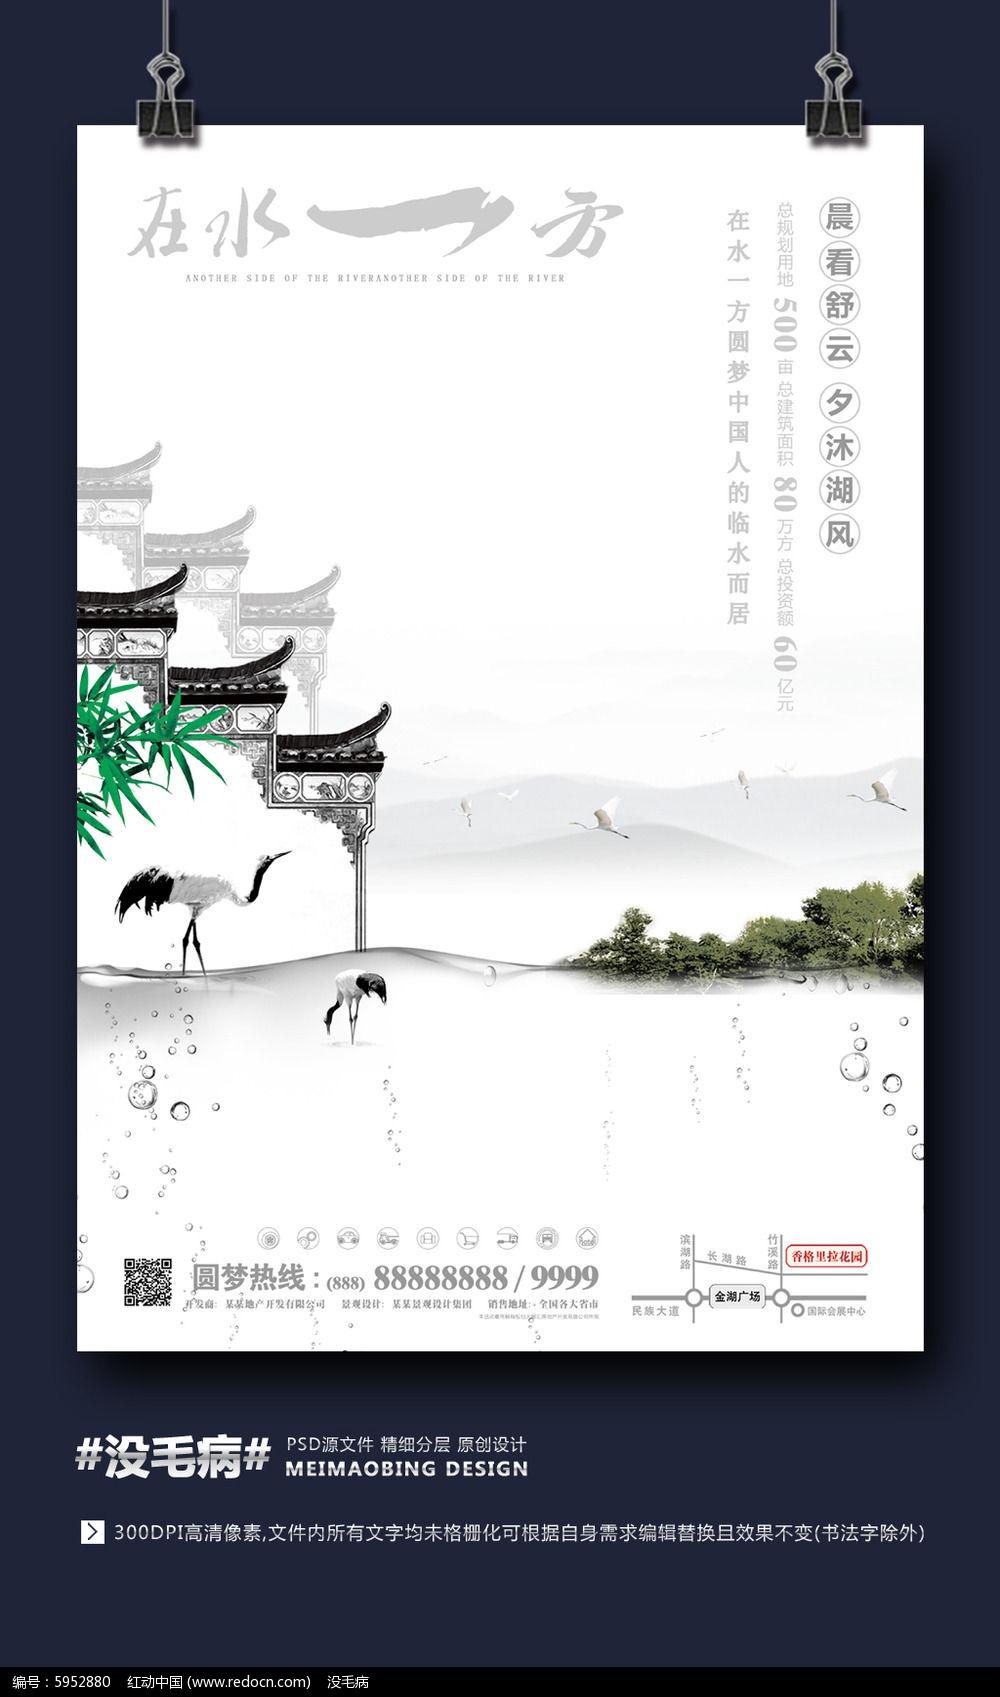 中国风古典庭院地产报纸广告图片